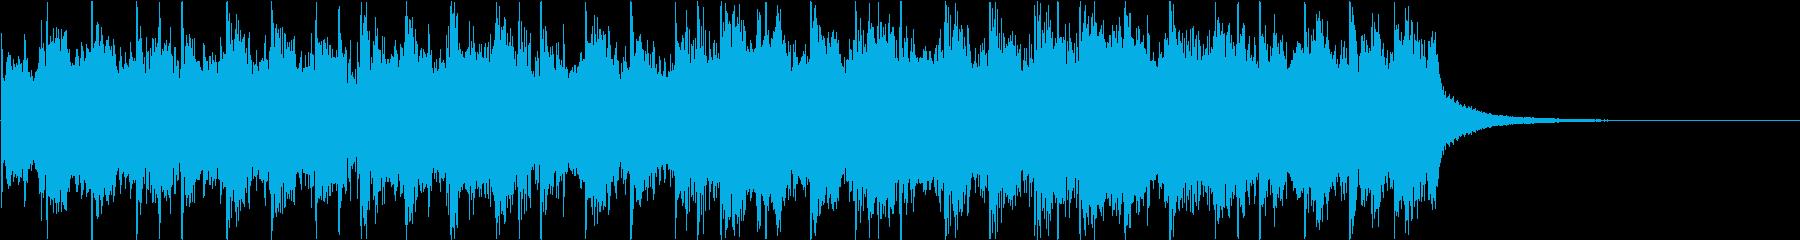 クラシック_01にリズムを入れていますの再生済みの波形